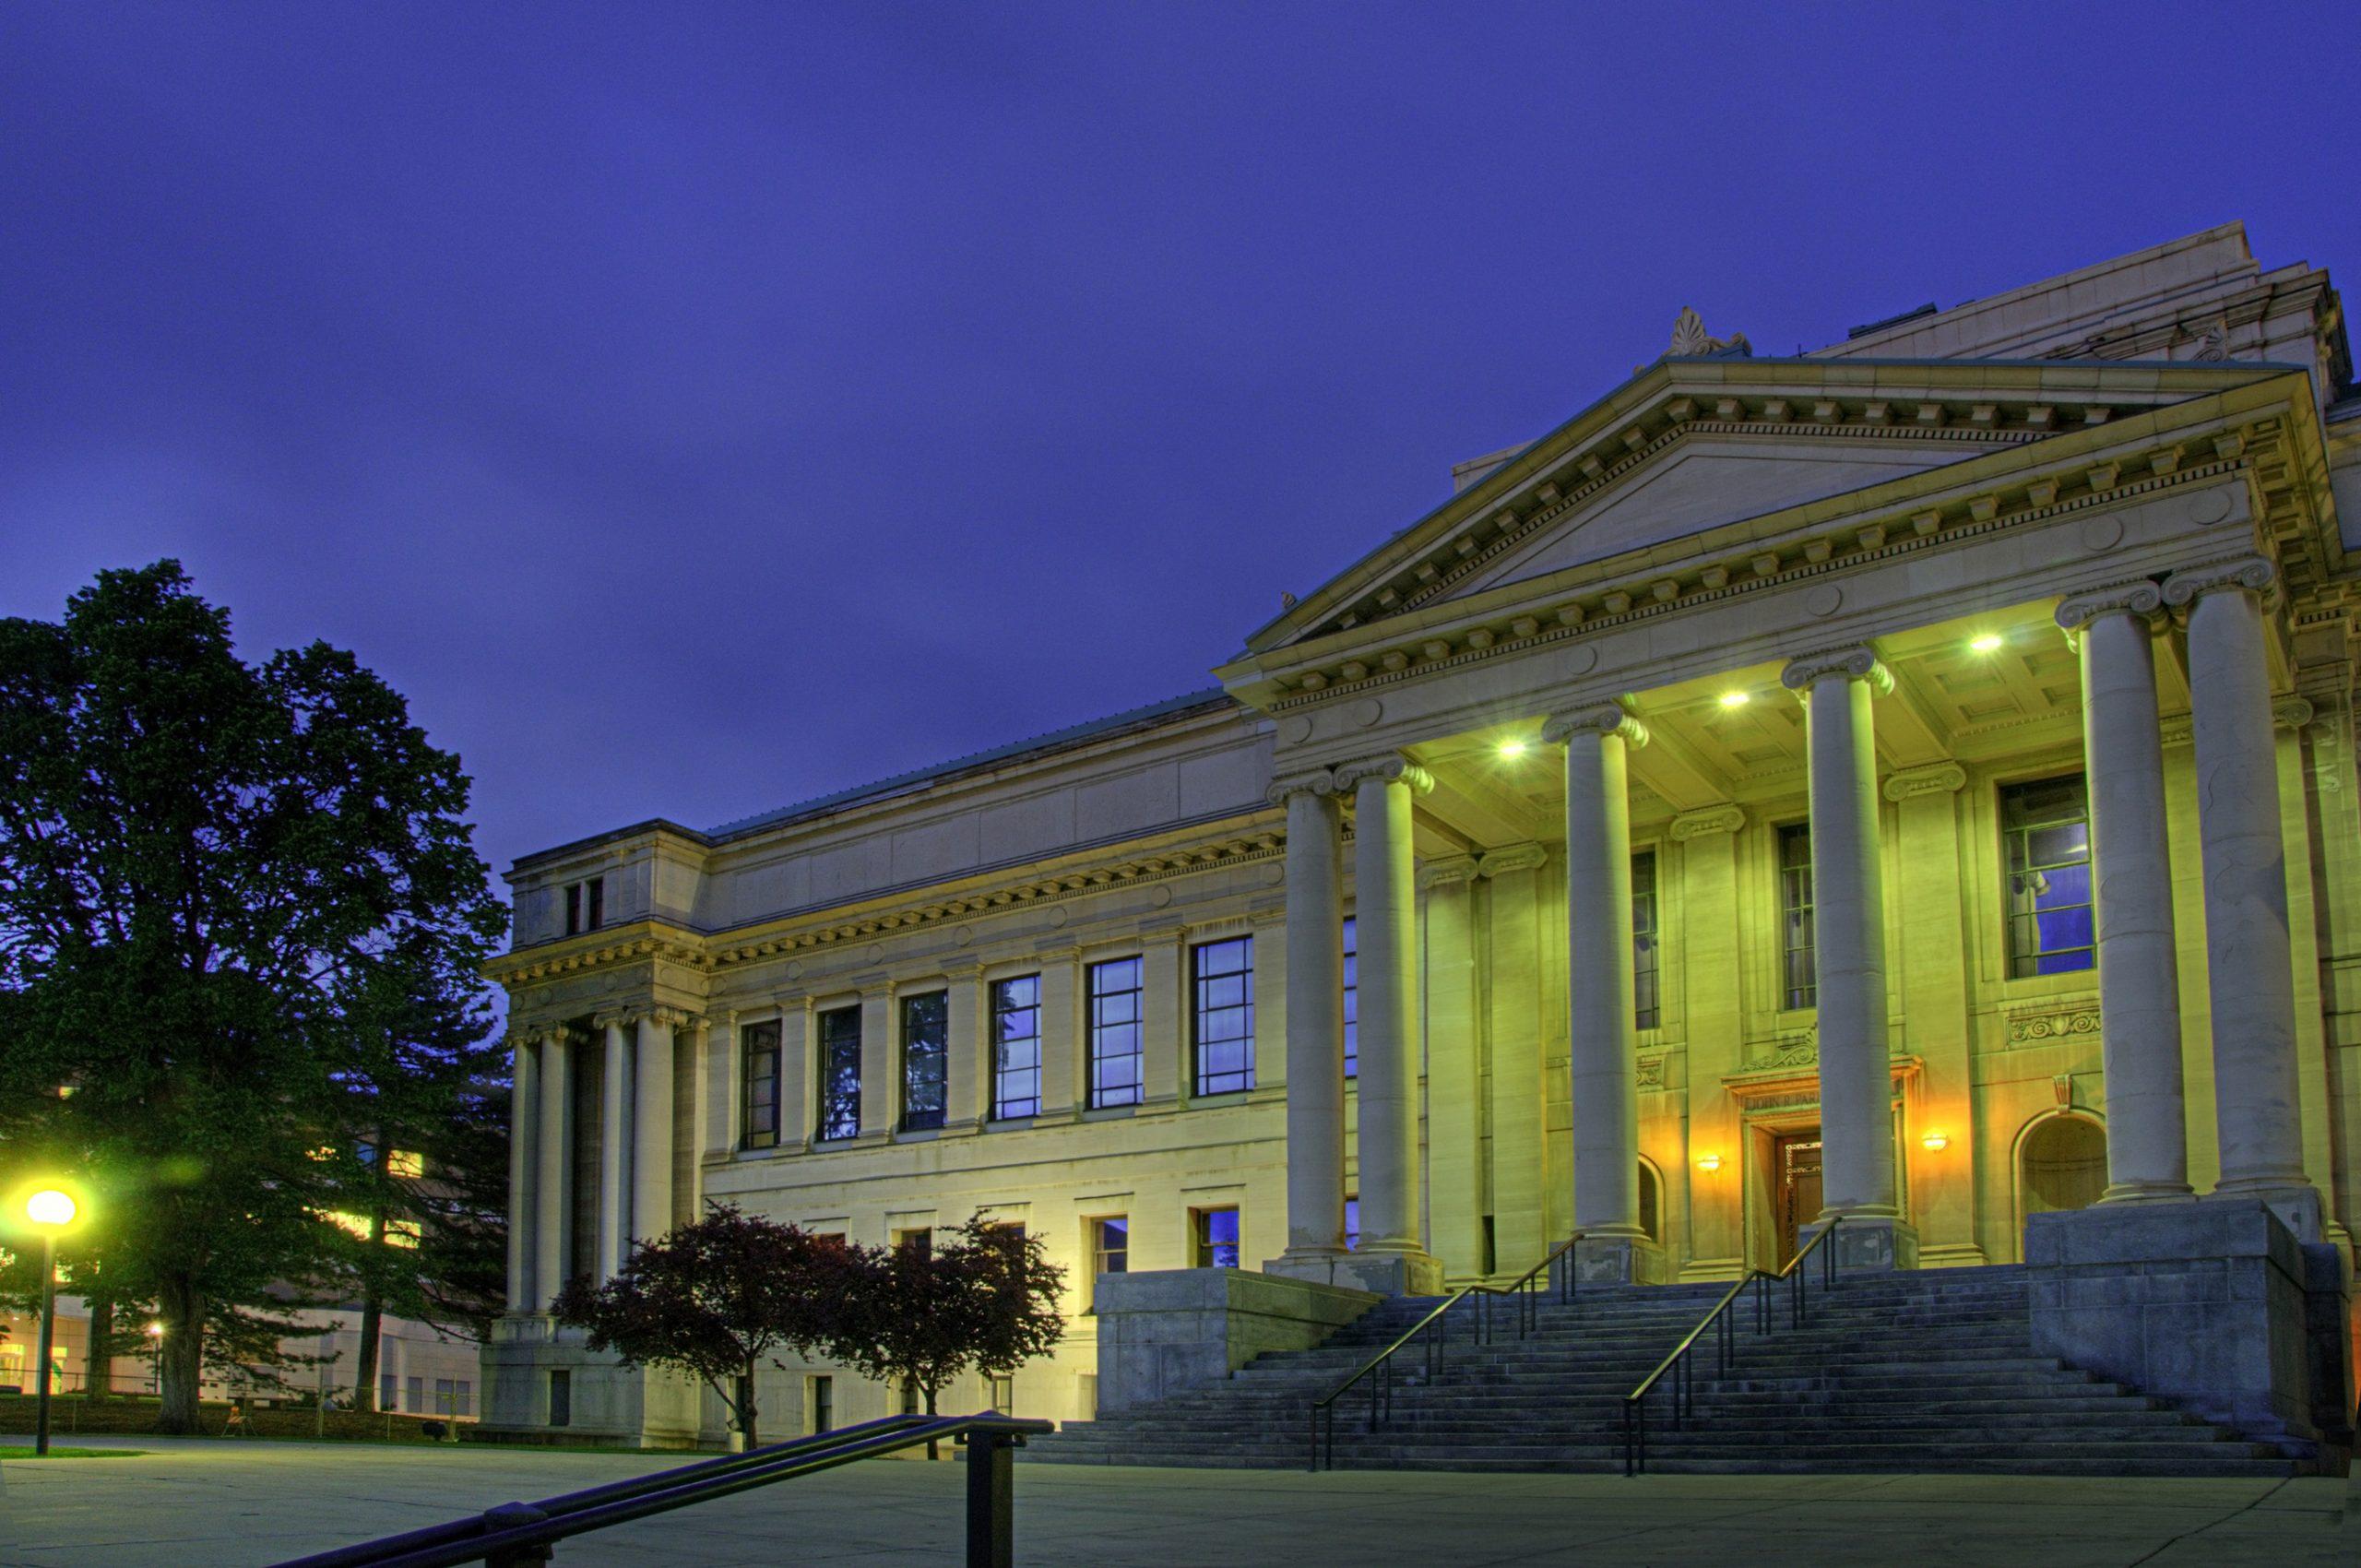 University Park Building